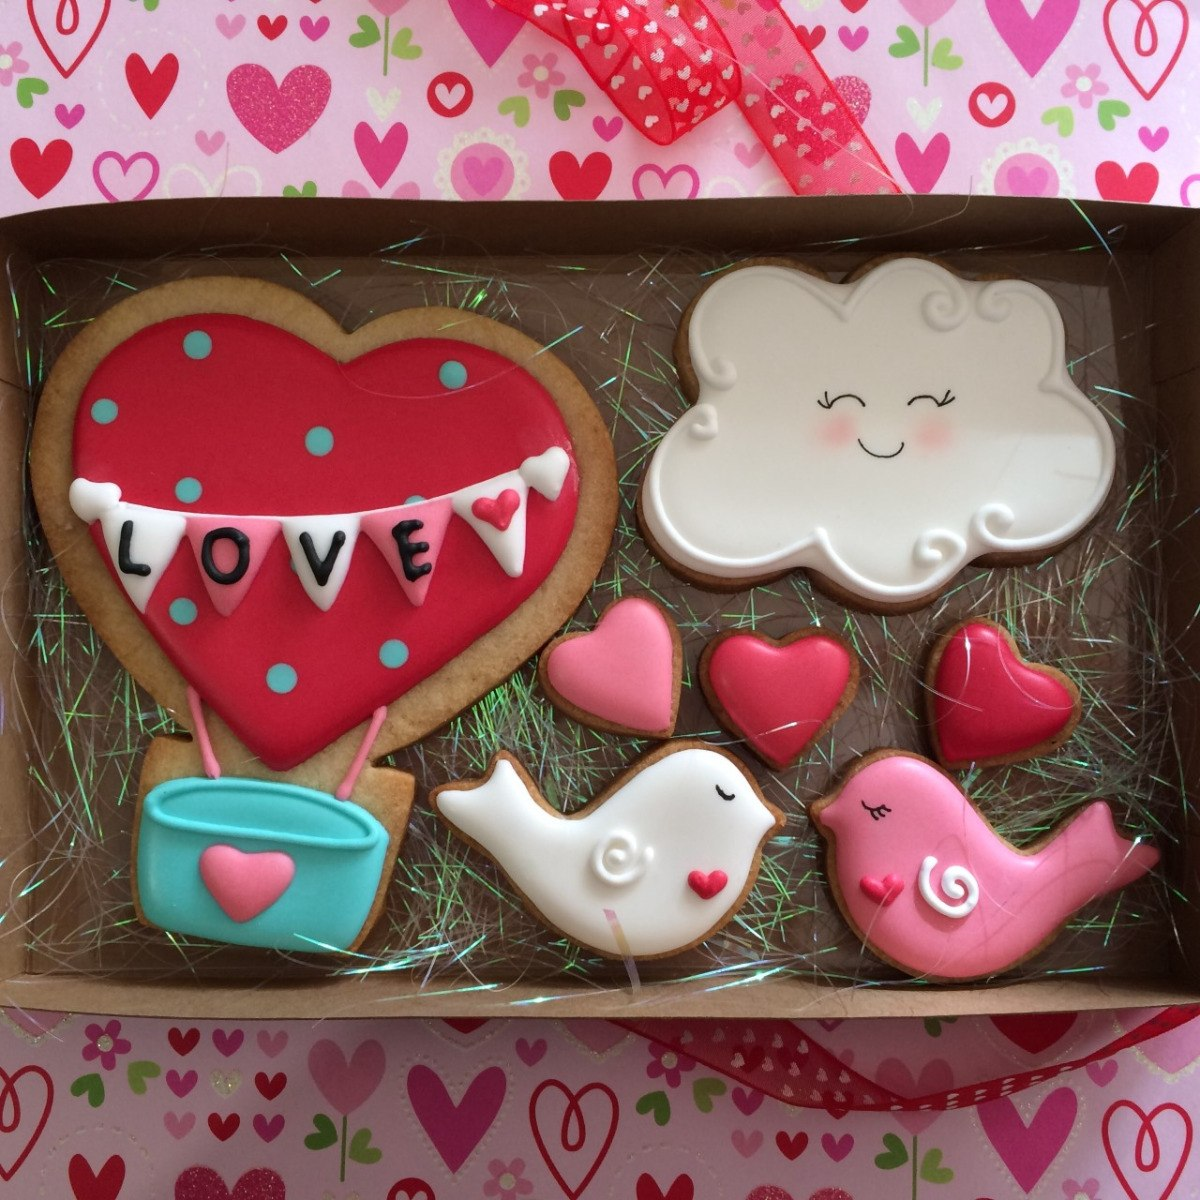 Y En De 14 La De El Arreglos Amor Febrero Caja Madera Del Dia 14 Para Febrero Amistad De